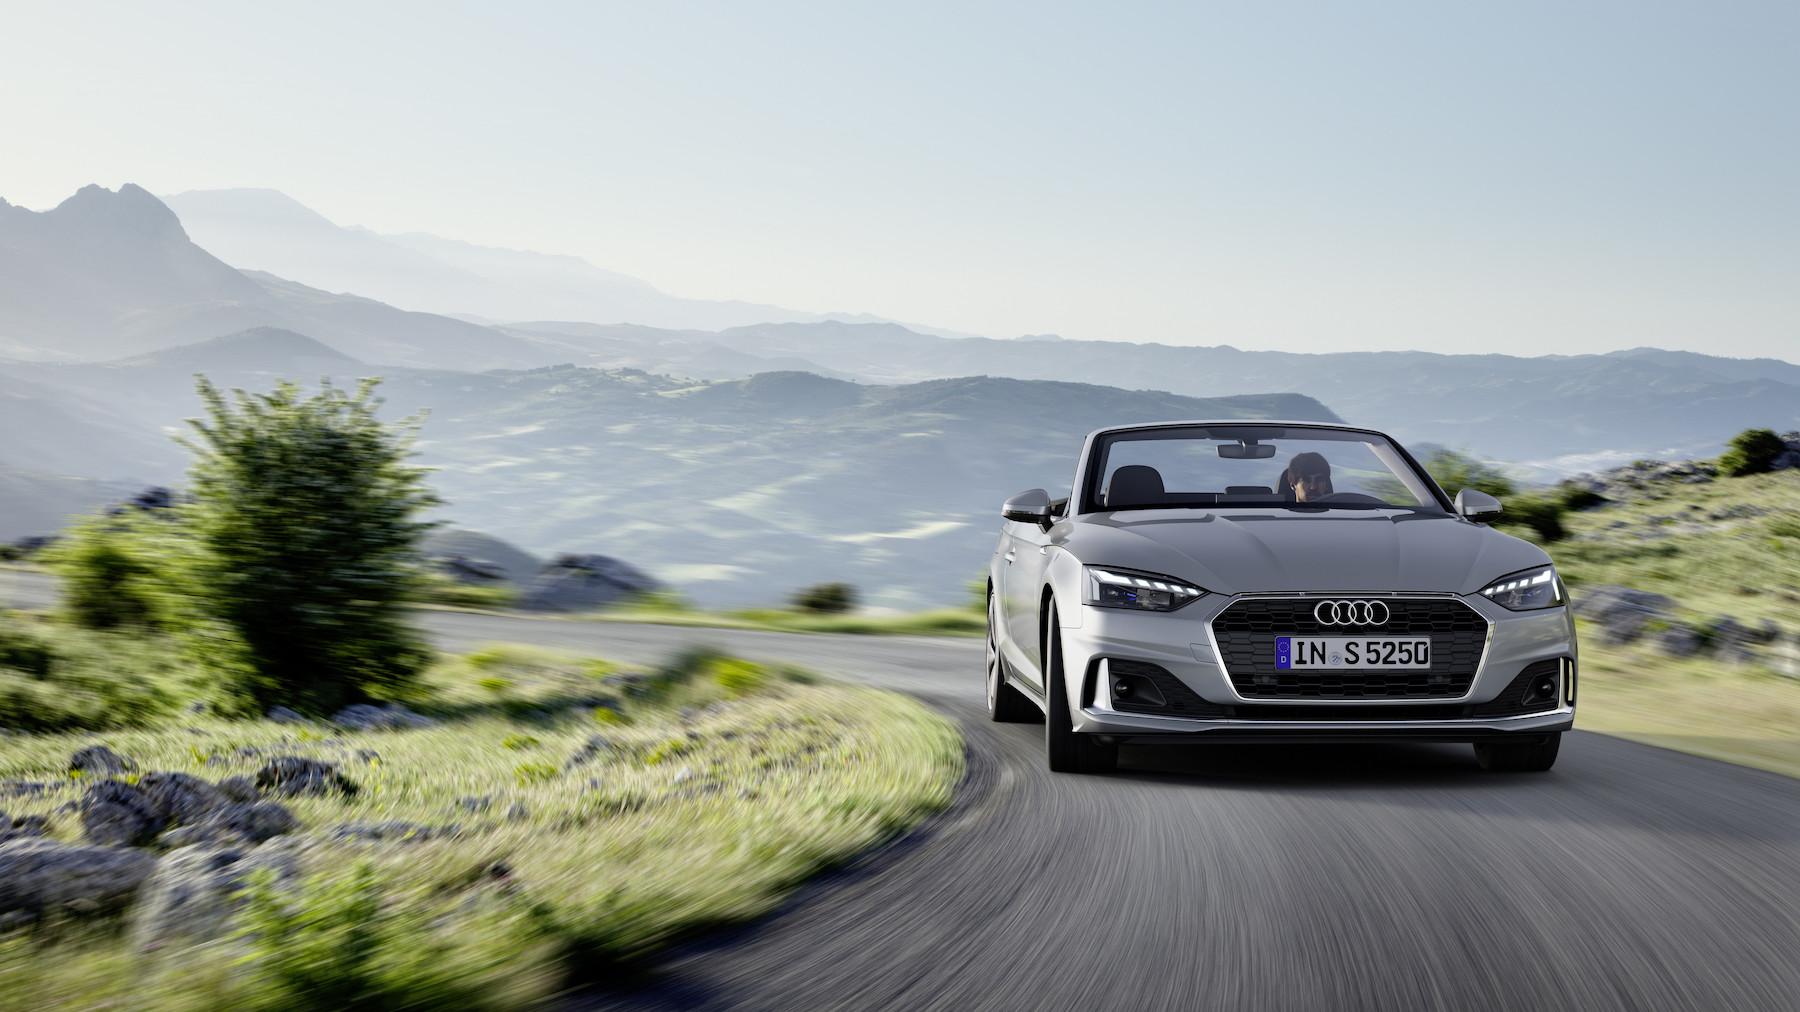 migliori auto cabrio: Audi A5 Cabriolet